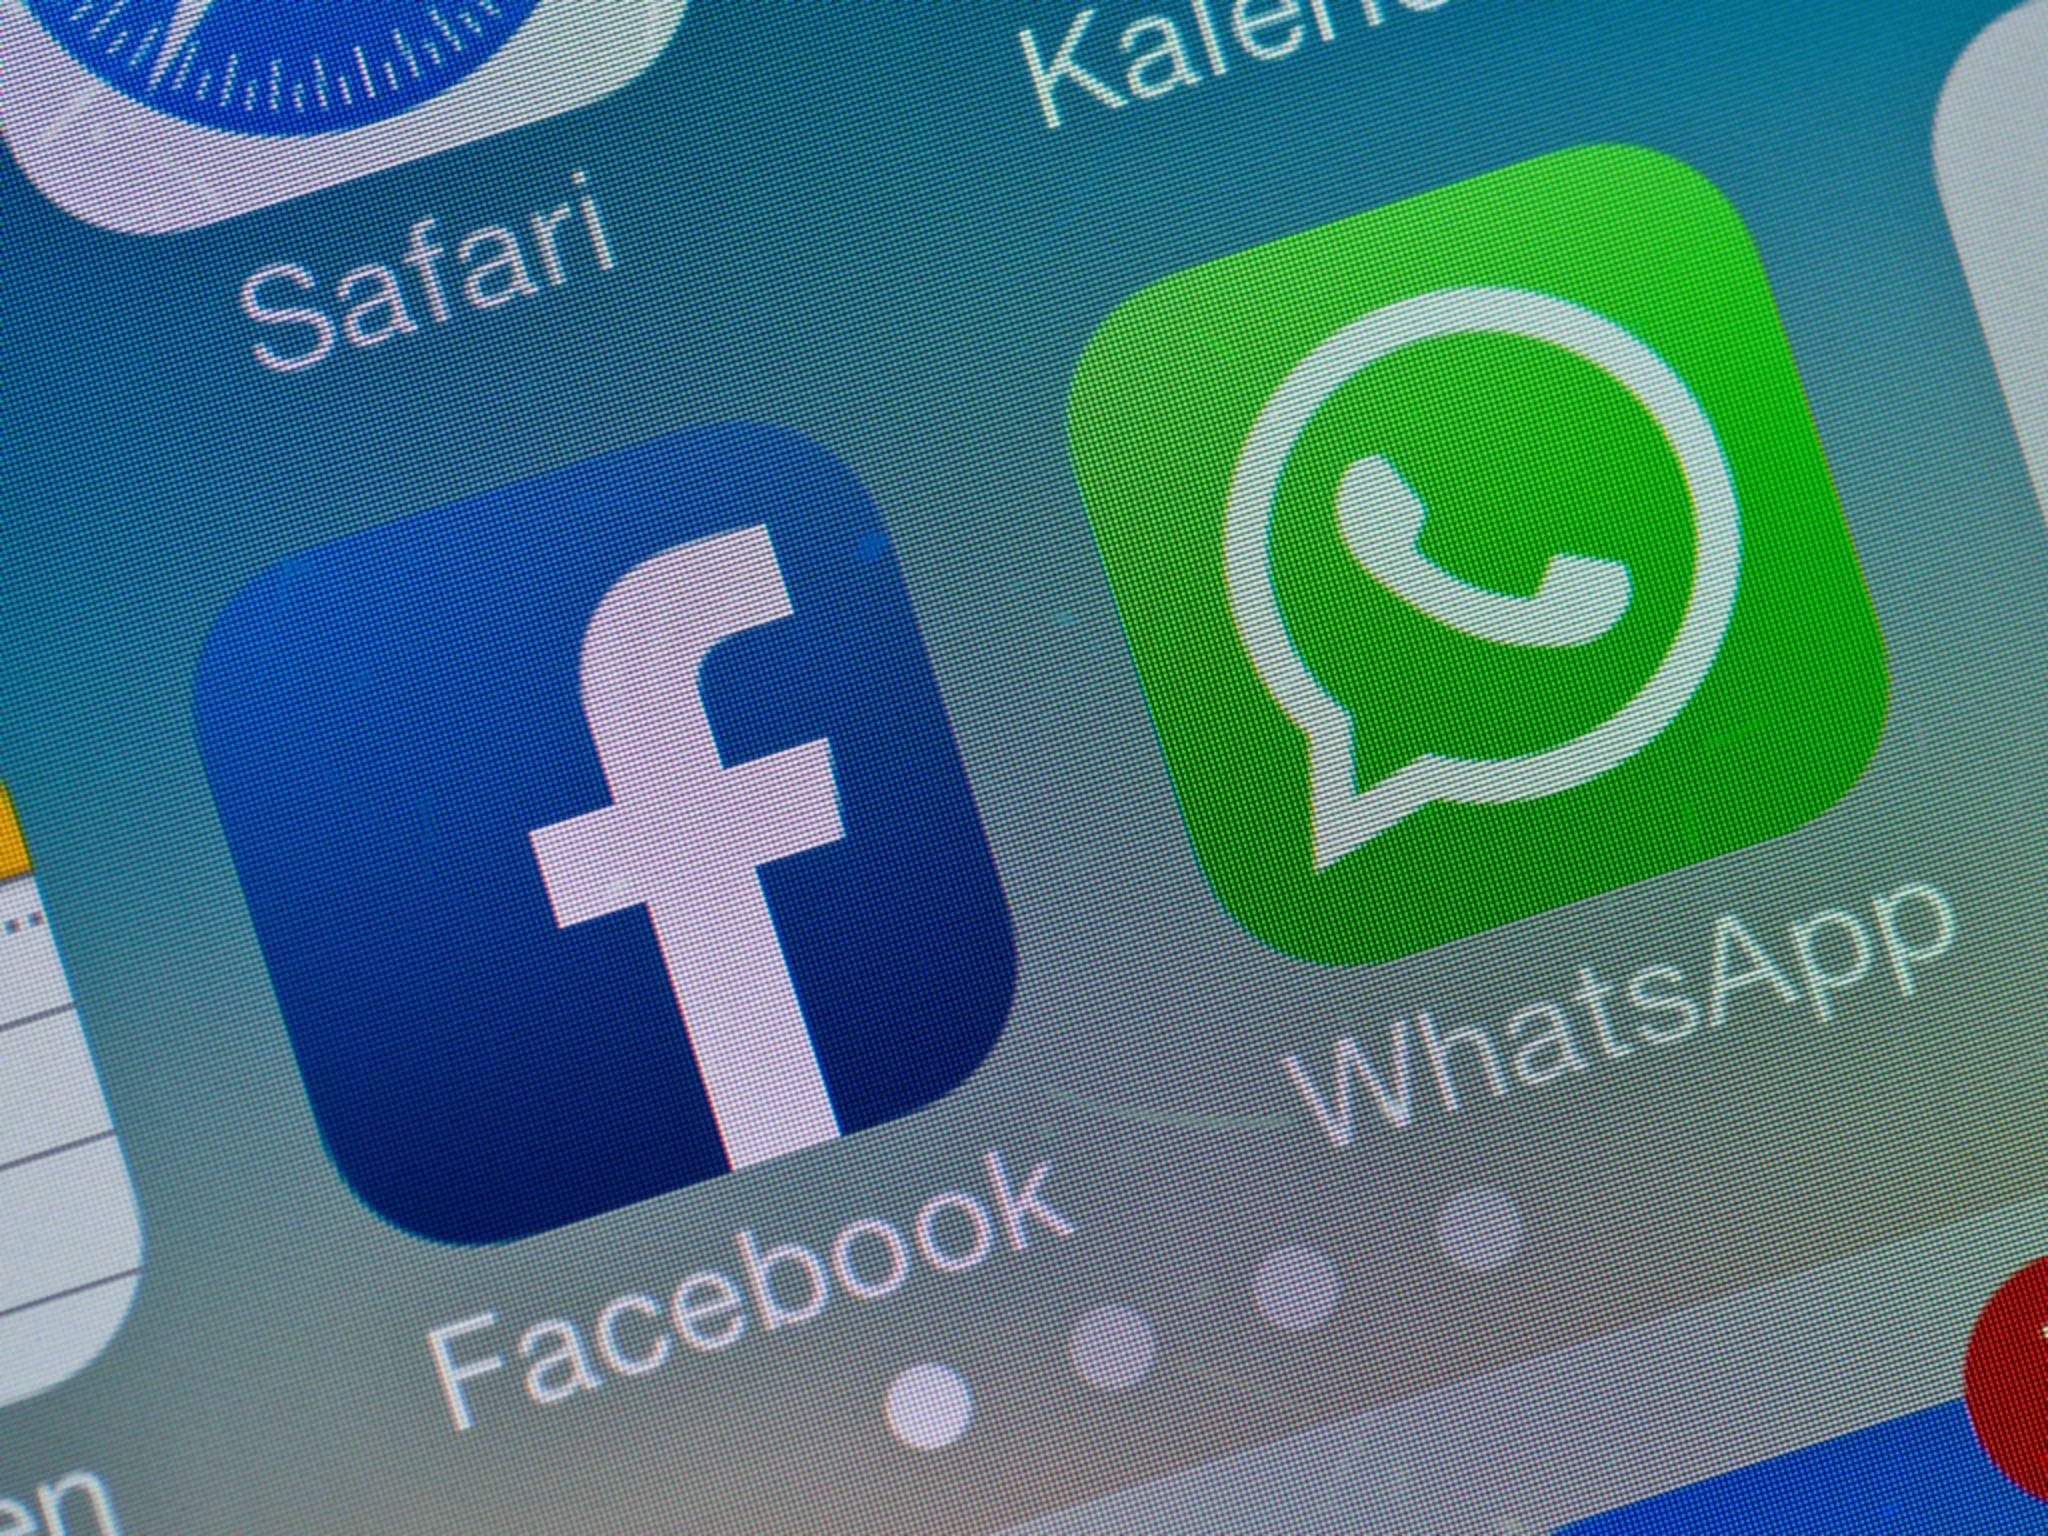 So kannst Du Daten zwischen Facebook und WhatsApp austauschen.